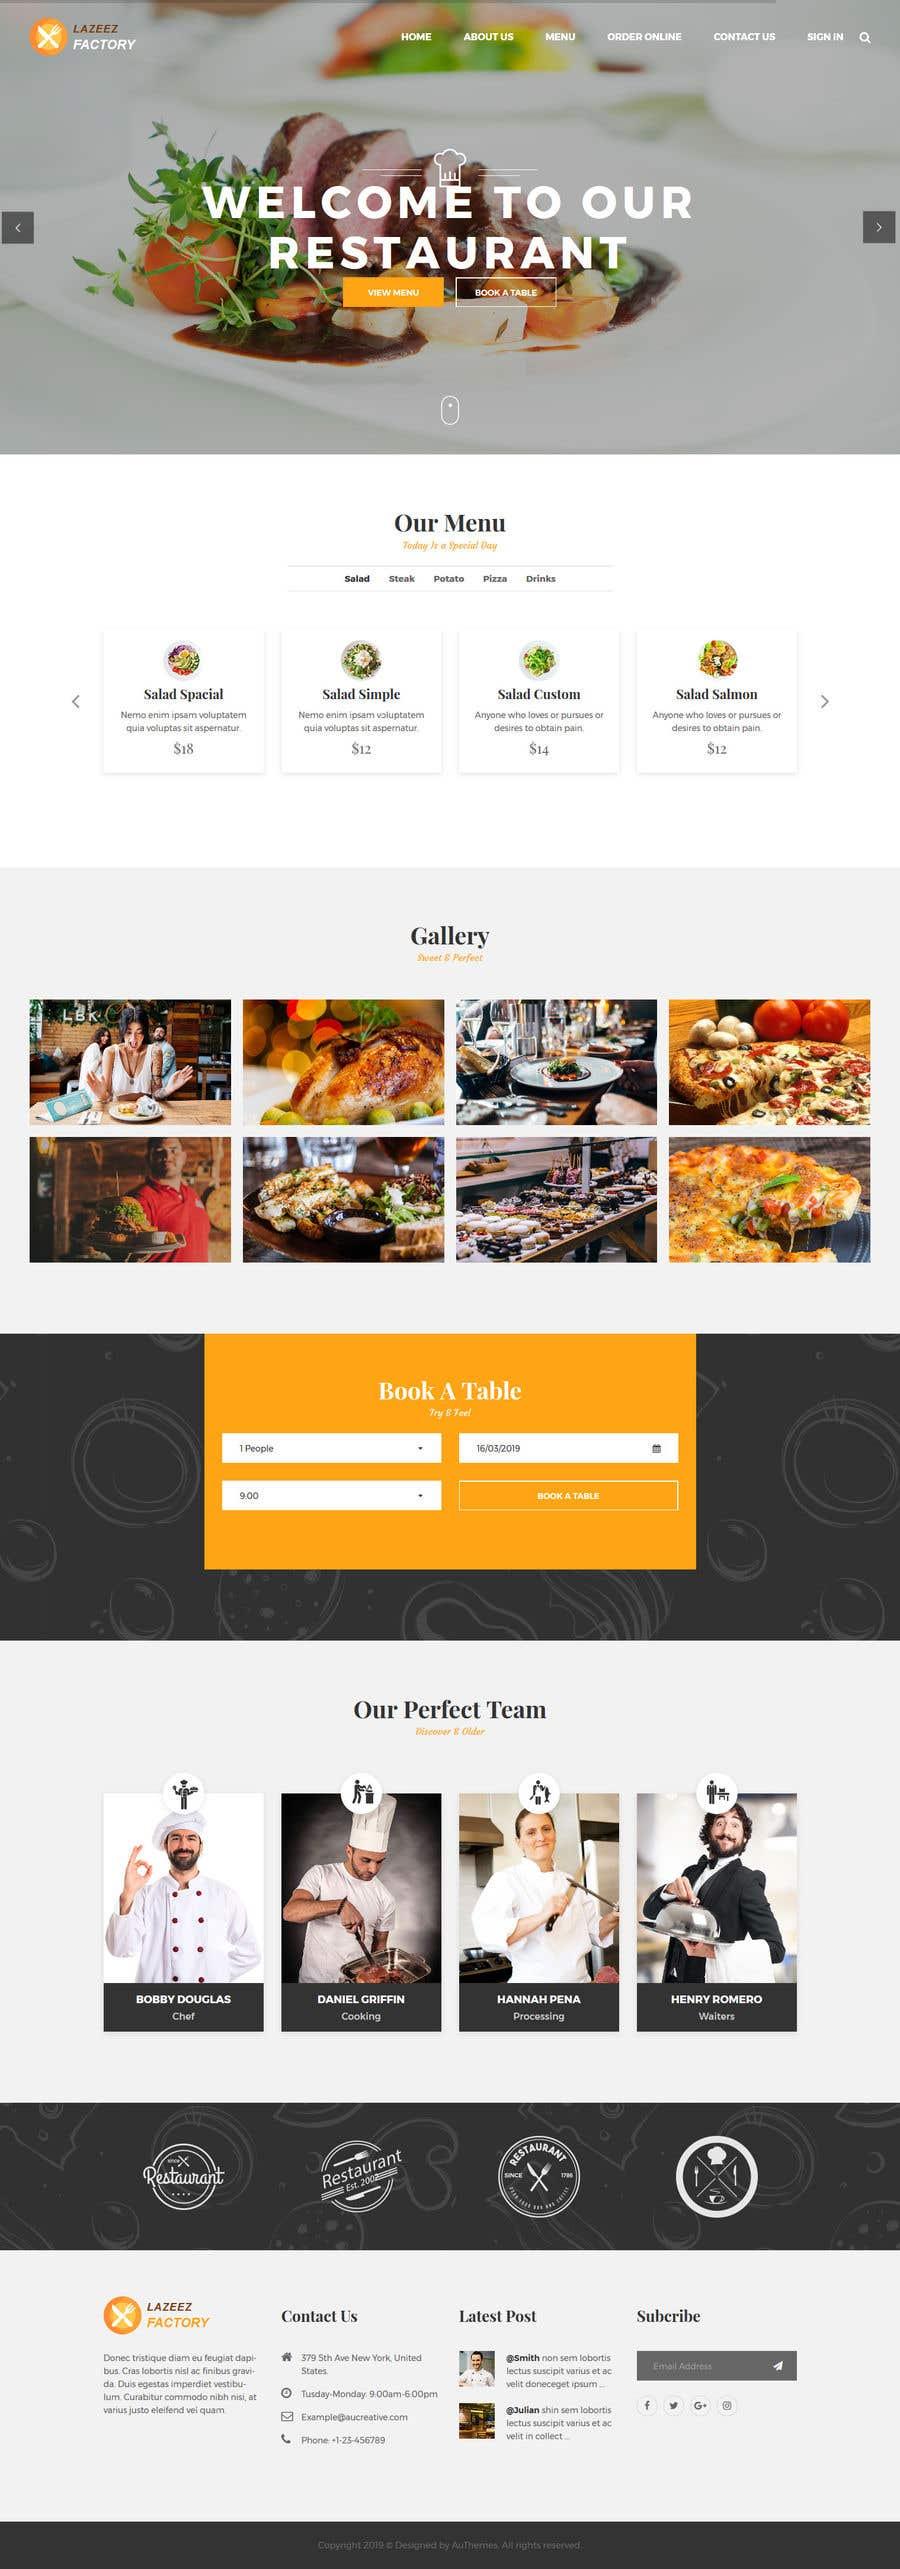 Konkurrenceindlæg #43 for Design A Website and Logo For Restaurant